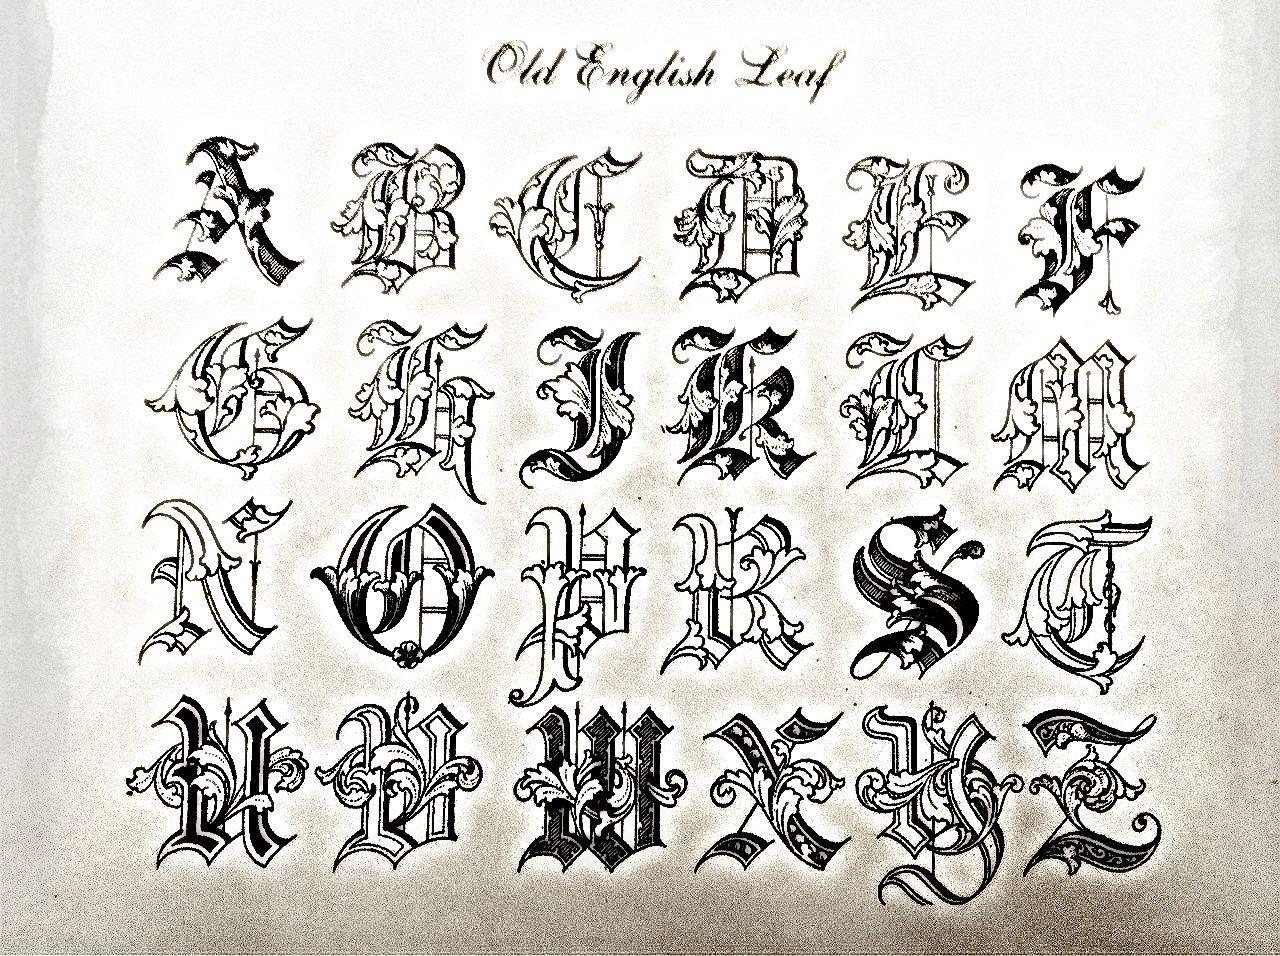 Old English Leaf Engraved Letter